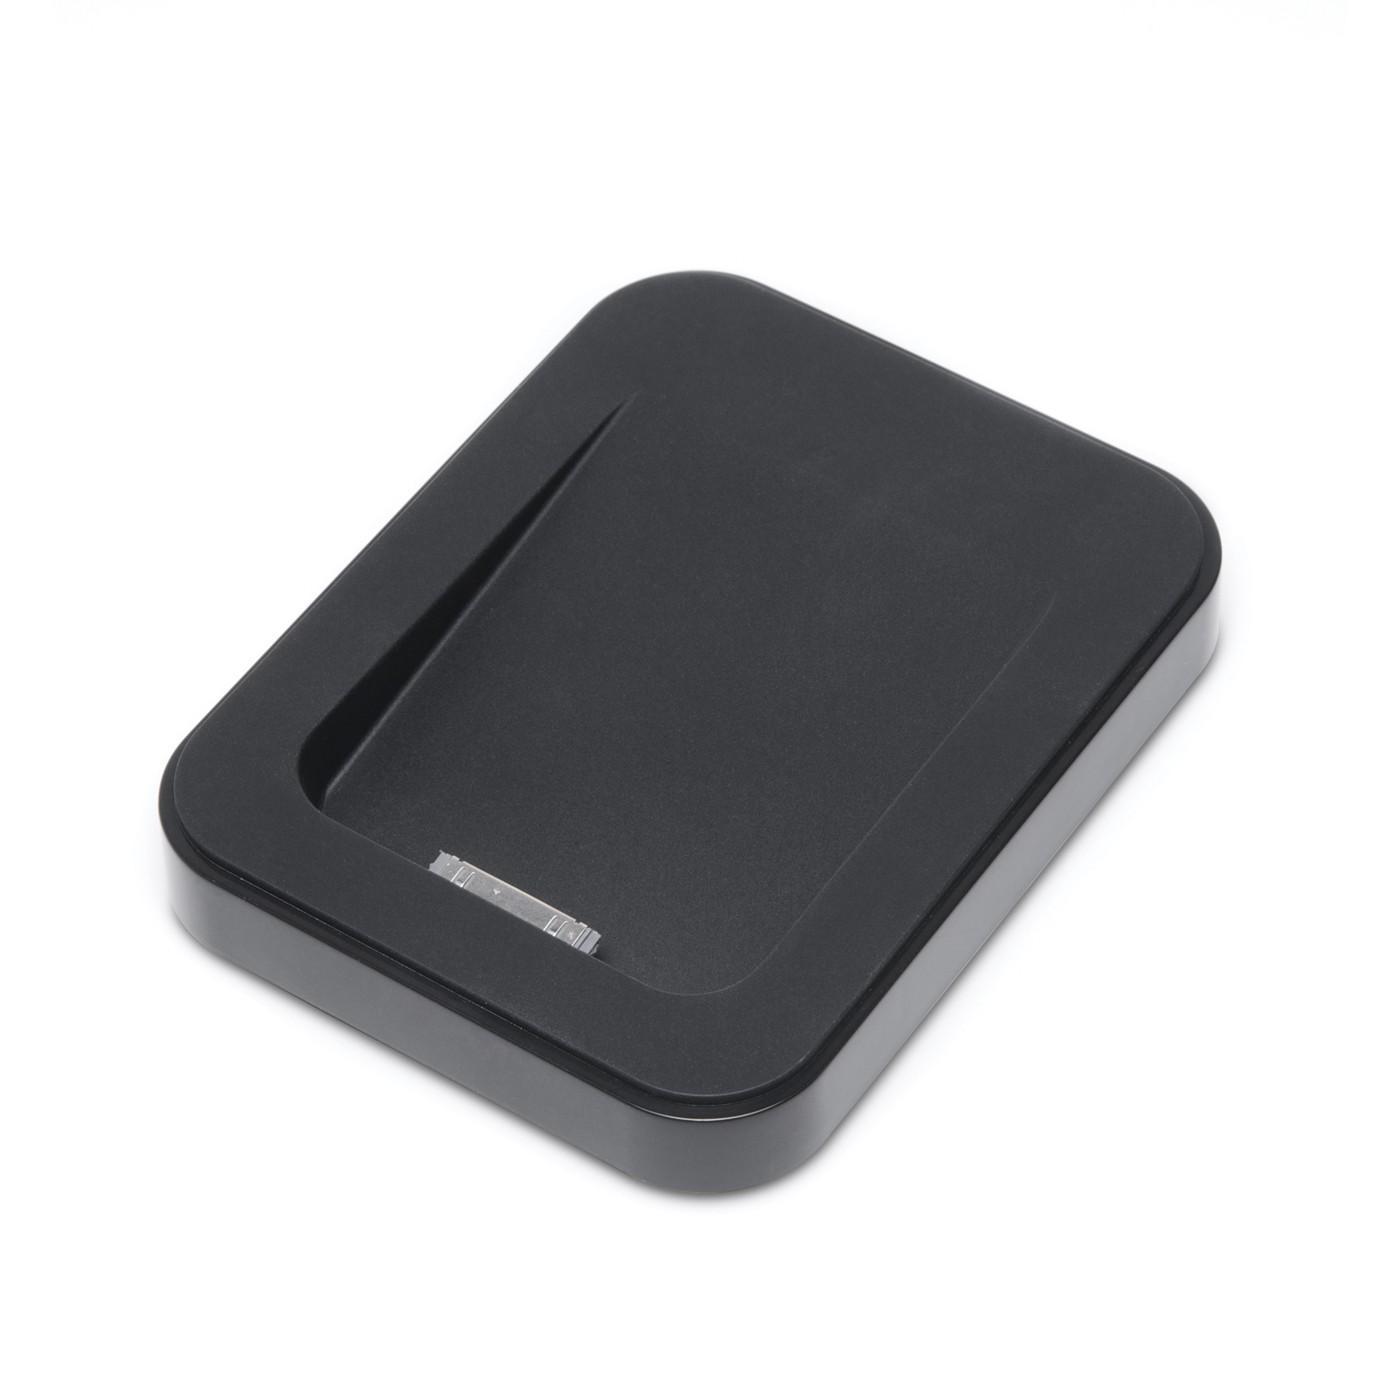 Bluelounge Saidoka 30-Pin iPhone / iPod Dock - Sort